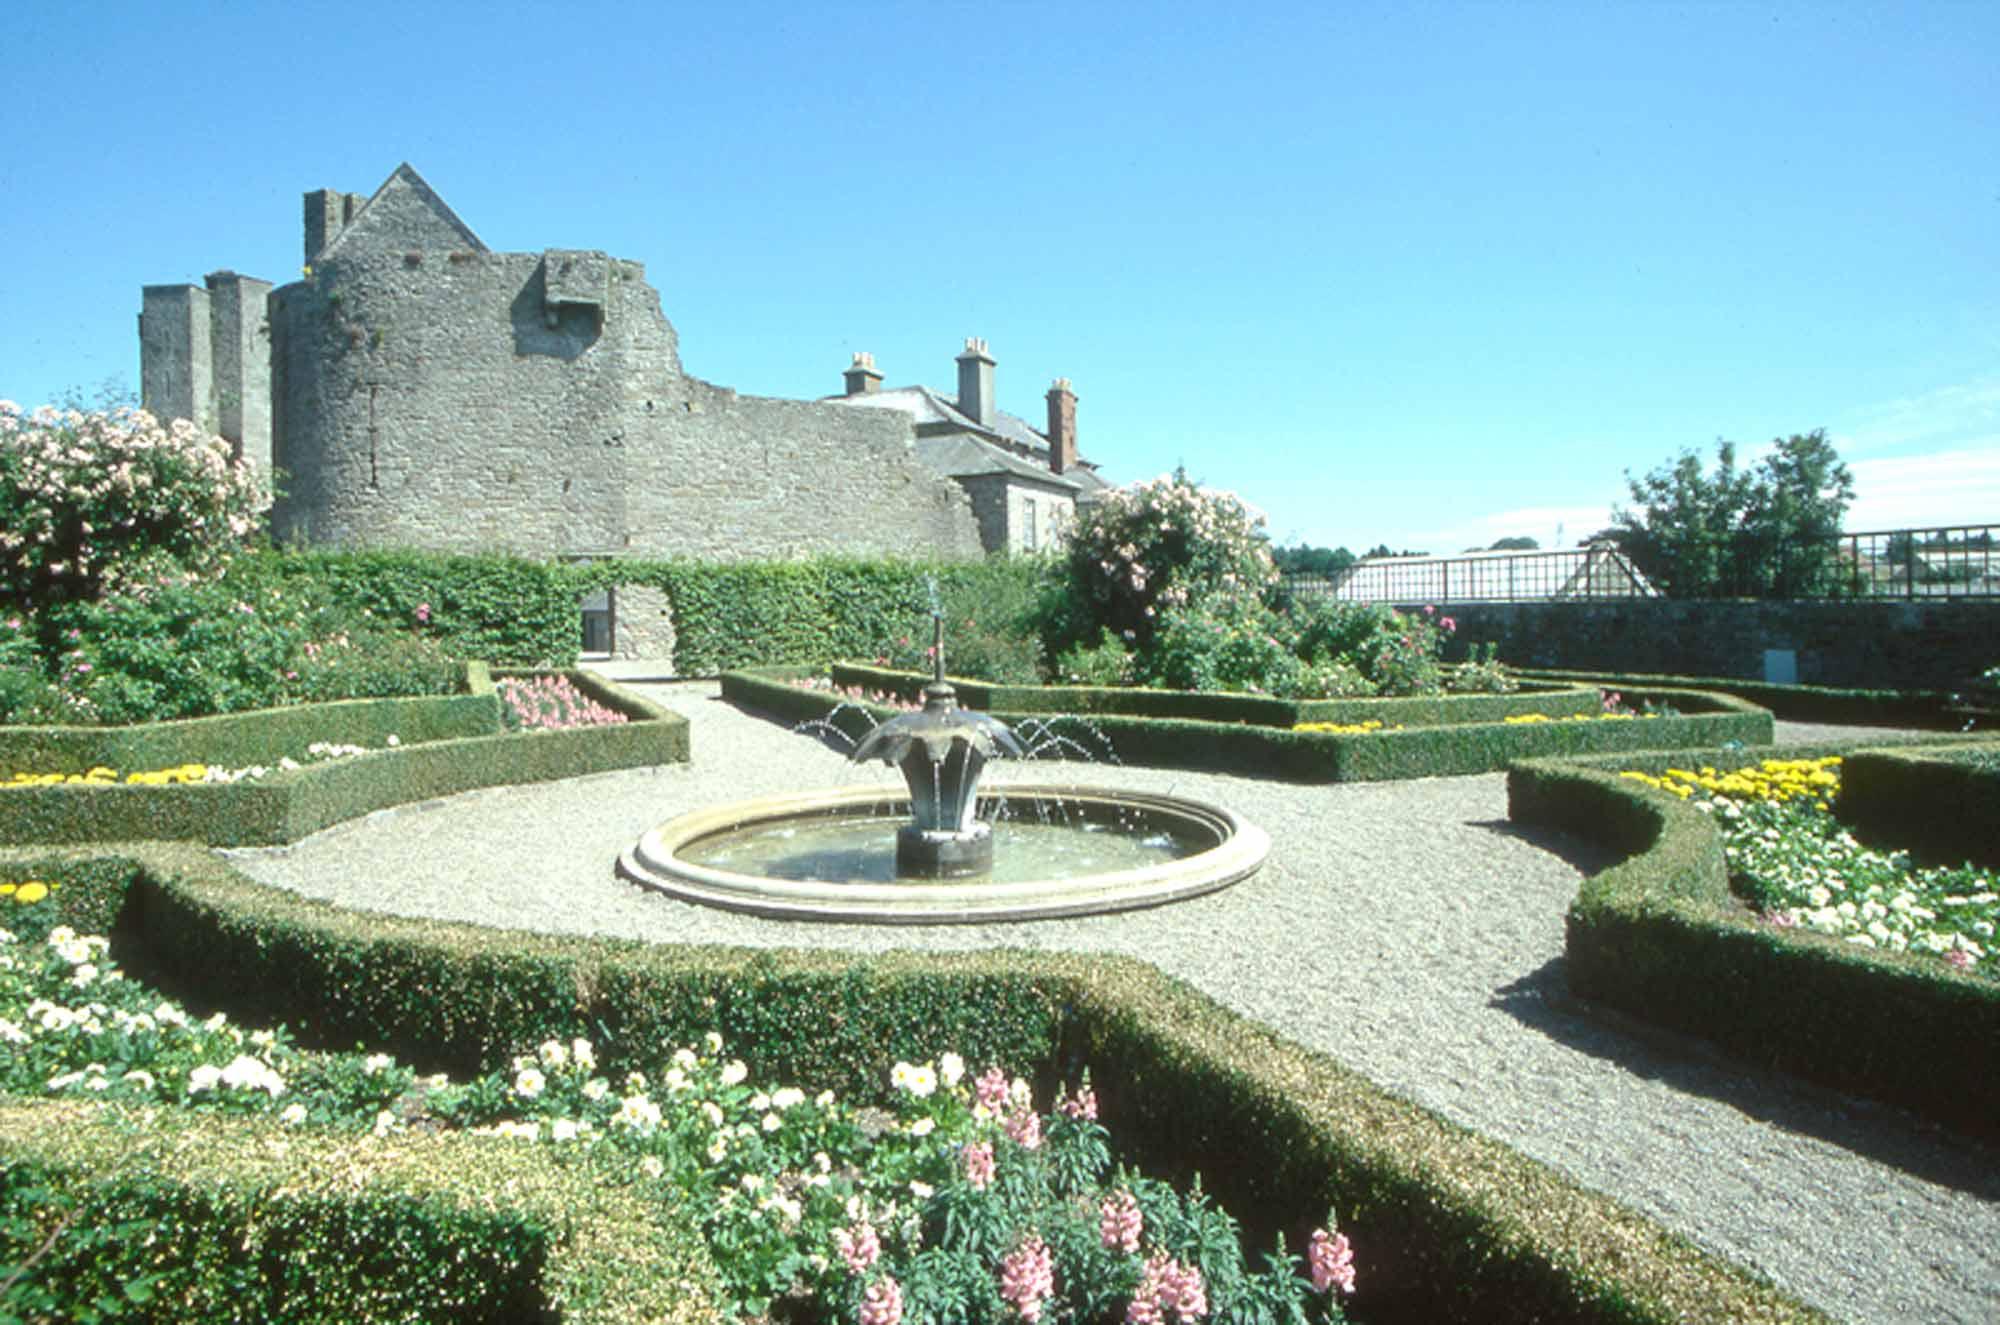 Roscrea Castle Walled Garden